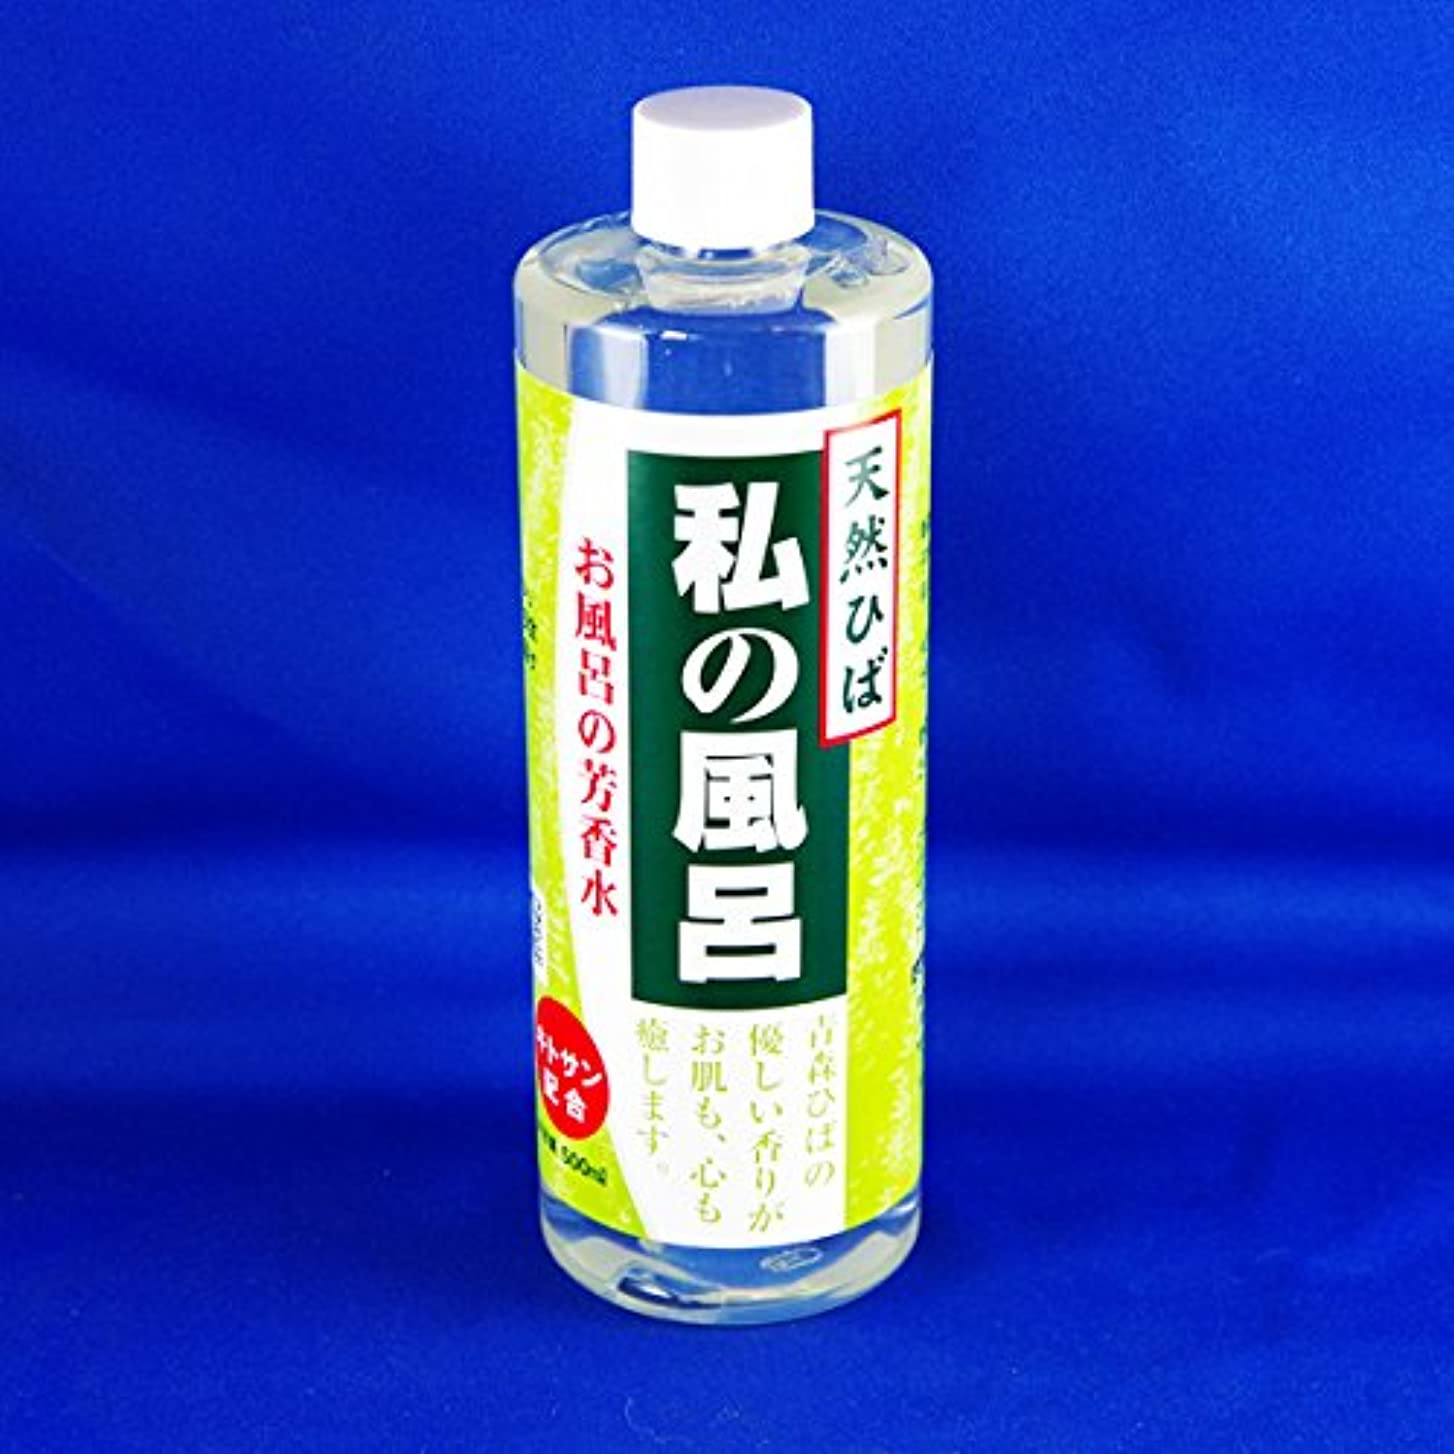 確執認識ビデオ【入浴剤】青森ひば 私の風呂 500ml(高分子キトサン配合)